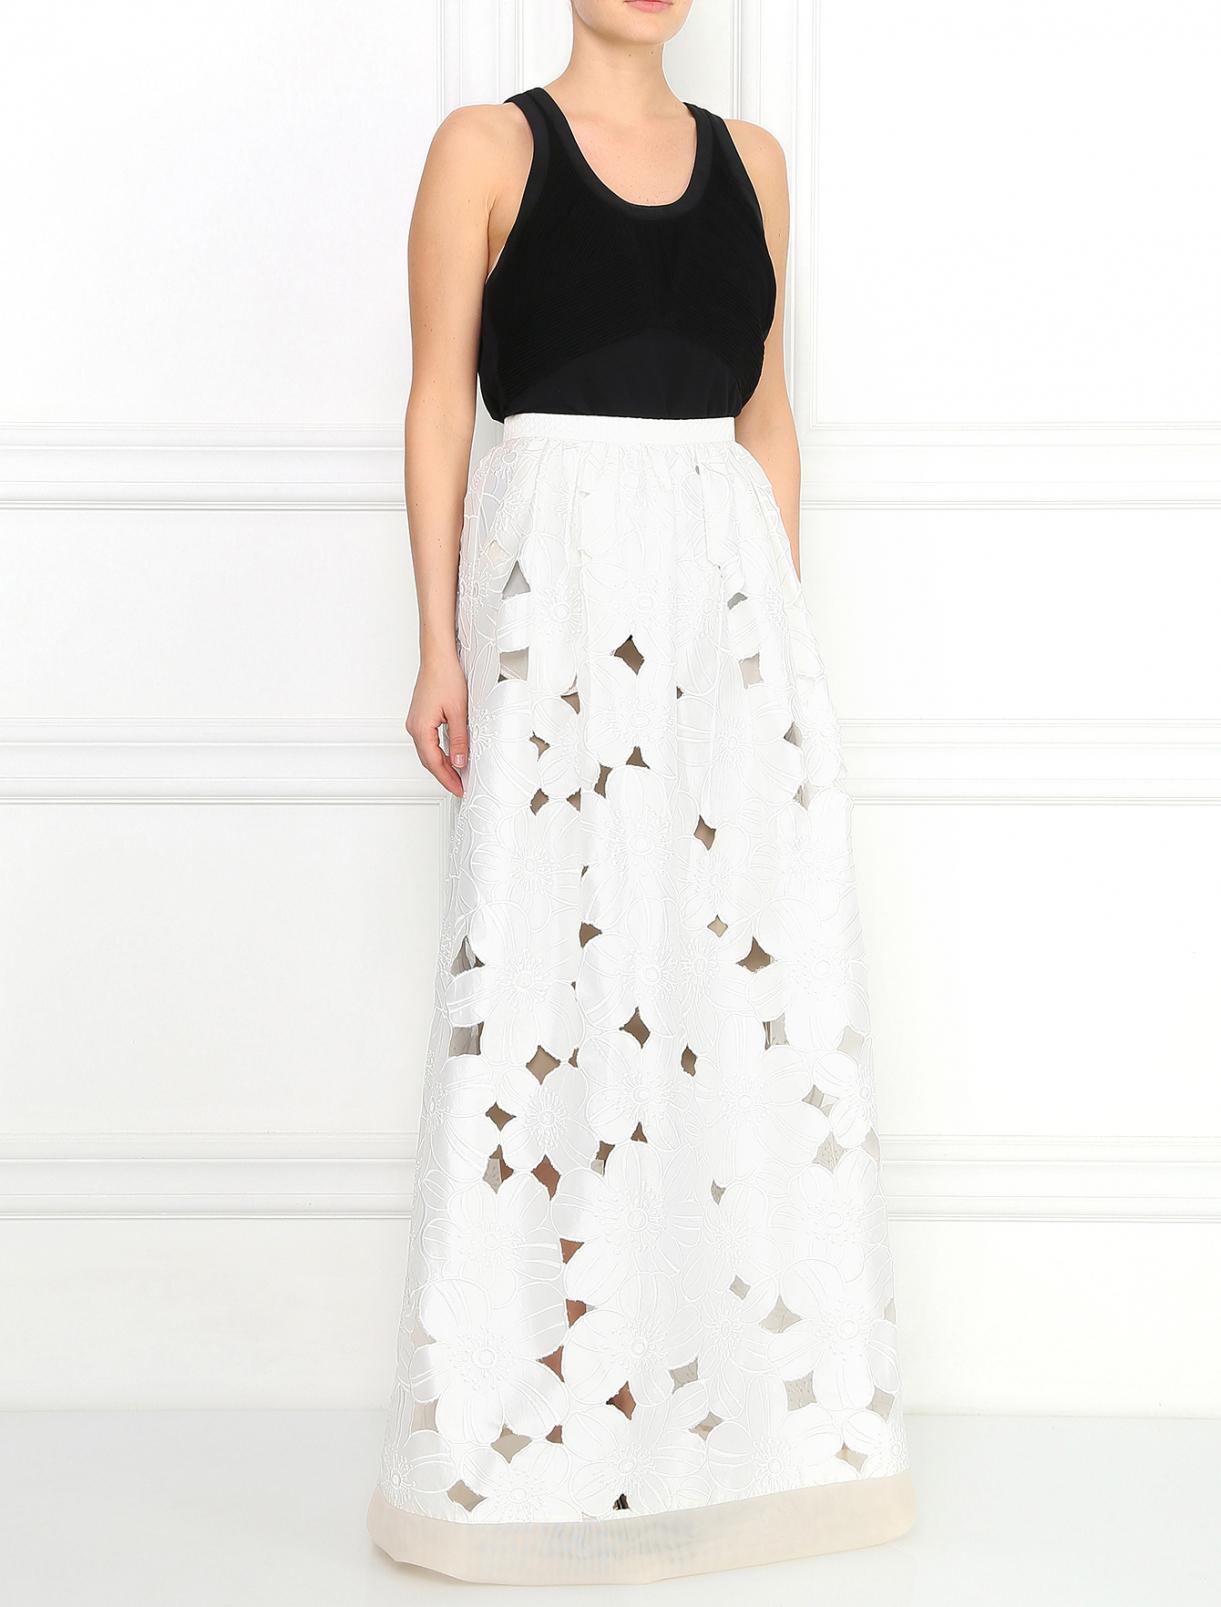 Юбка-макси из шелка с вышивкой Alina German  –  Модель Общий вид  – Цвет:  Белый